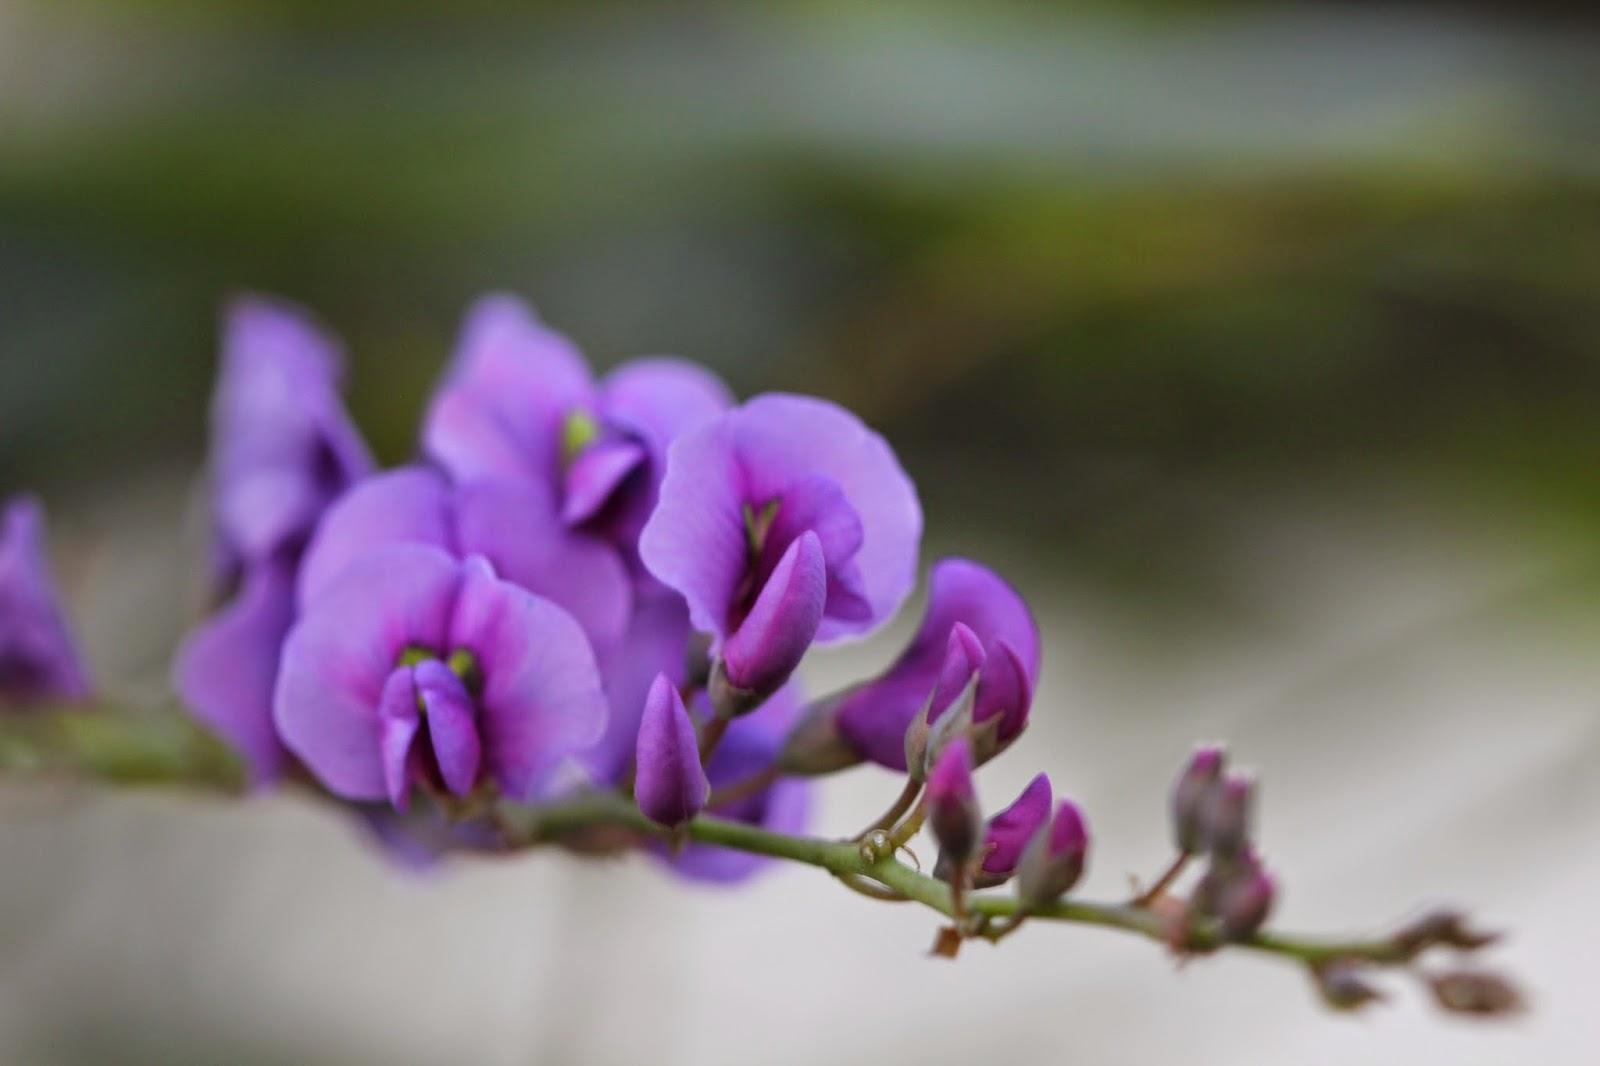 Purple Vine Flower at the Getty Villa by Madder Hatter